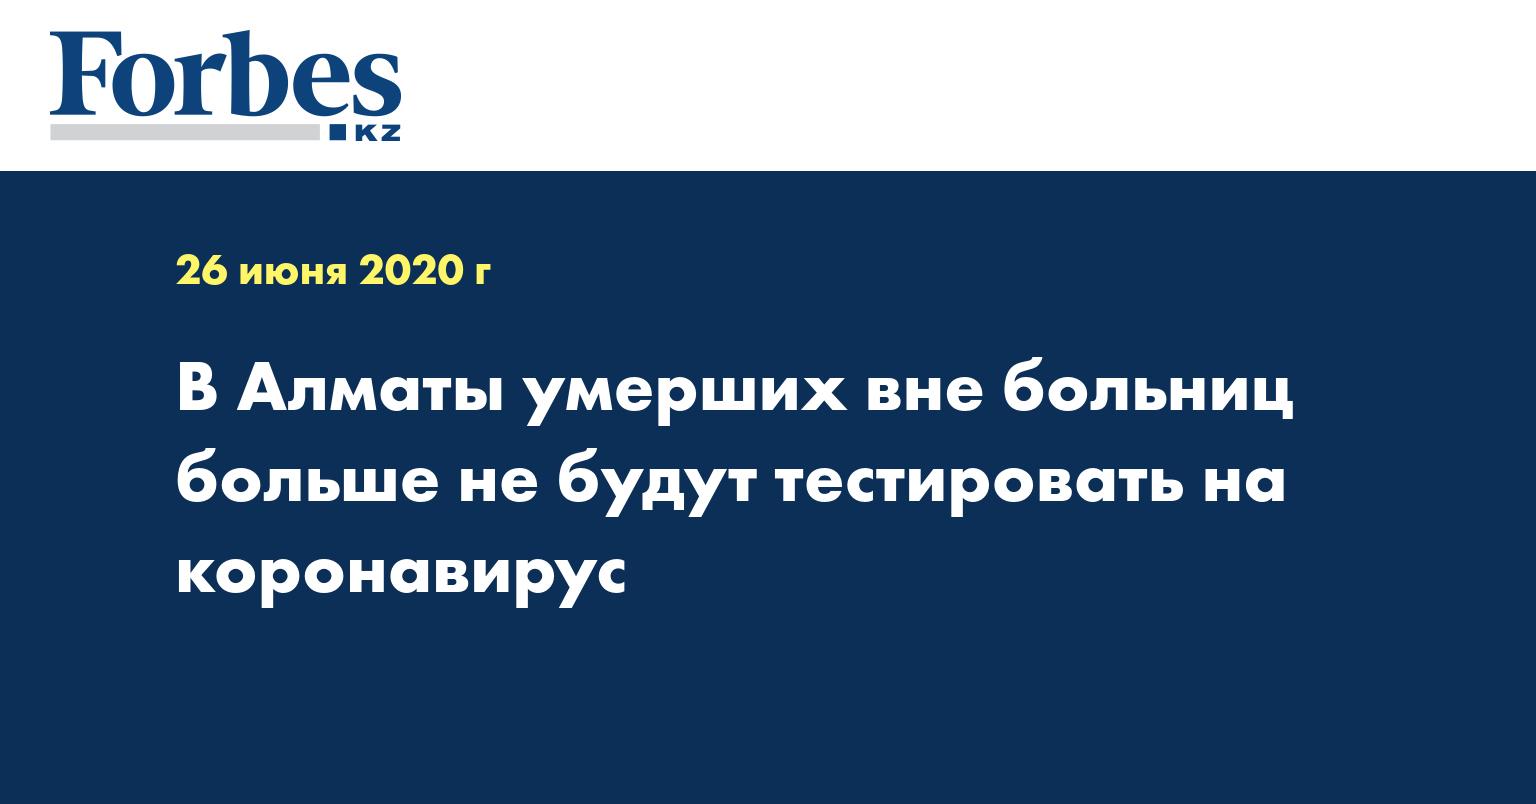 В Алматы умерших вне больниц больше не будут тестировать на коронавирус